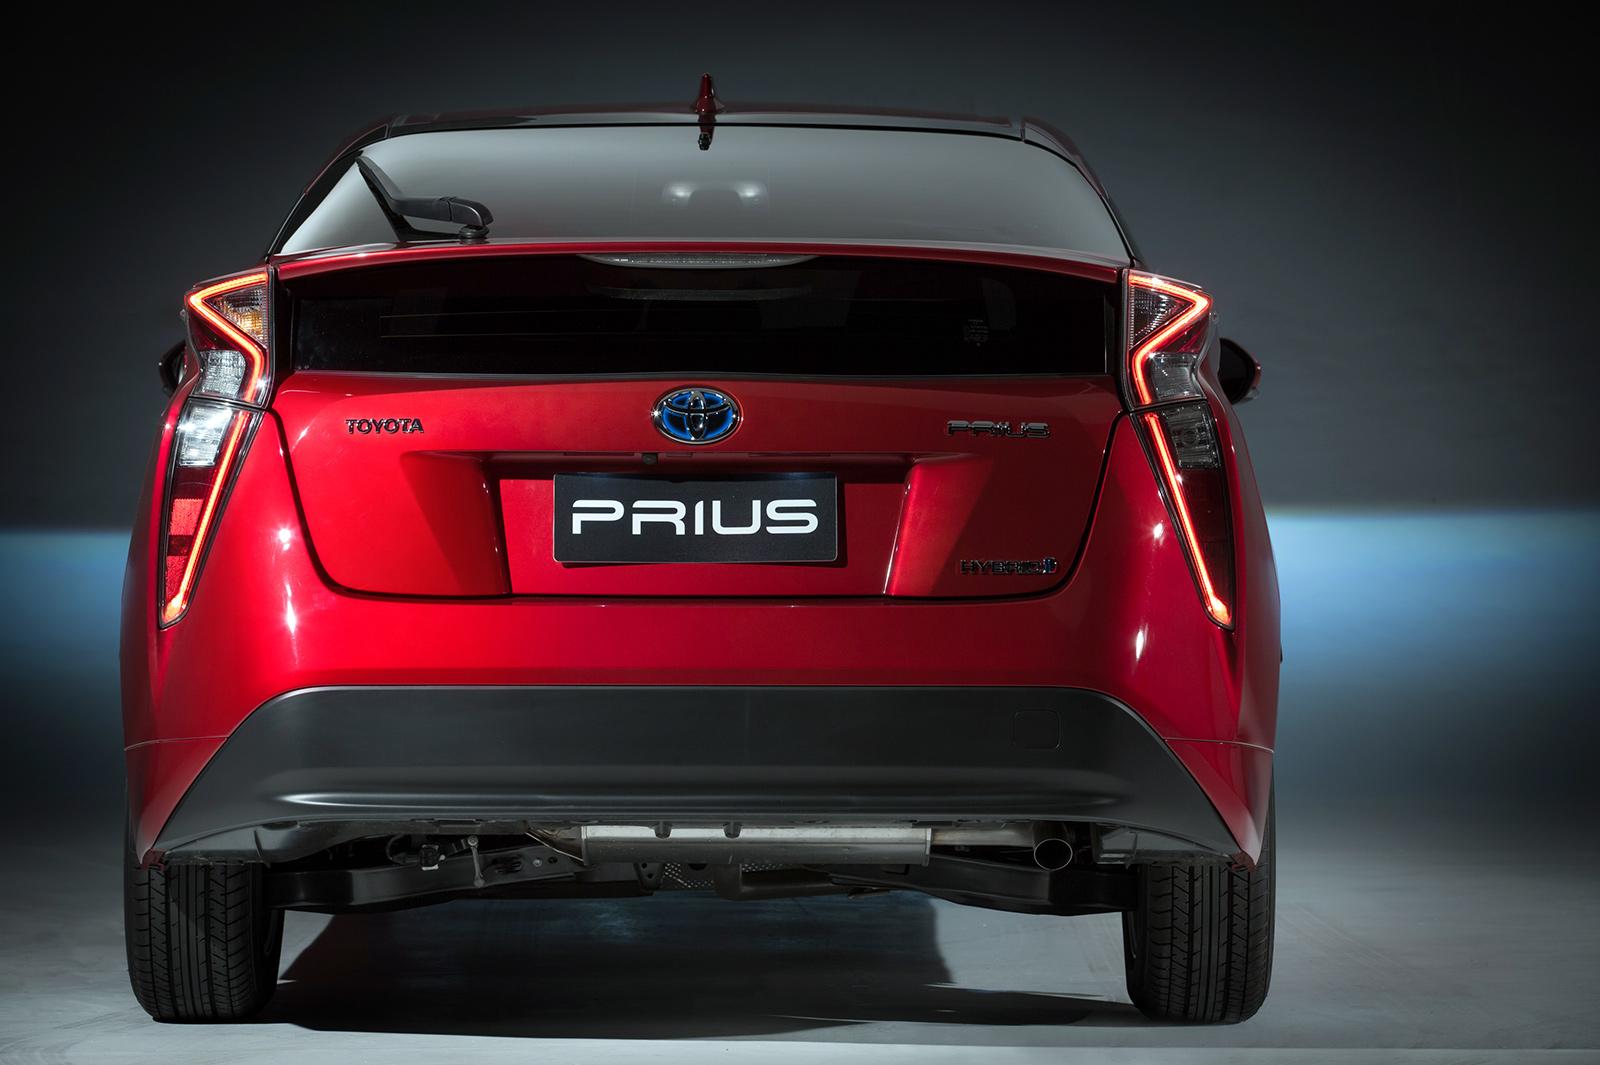 Lanternas do Prius tem desenho ousado